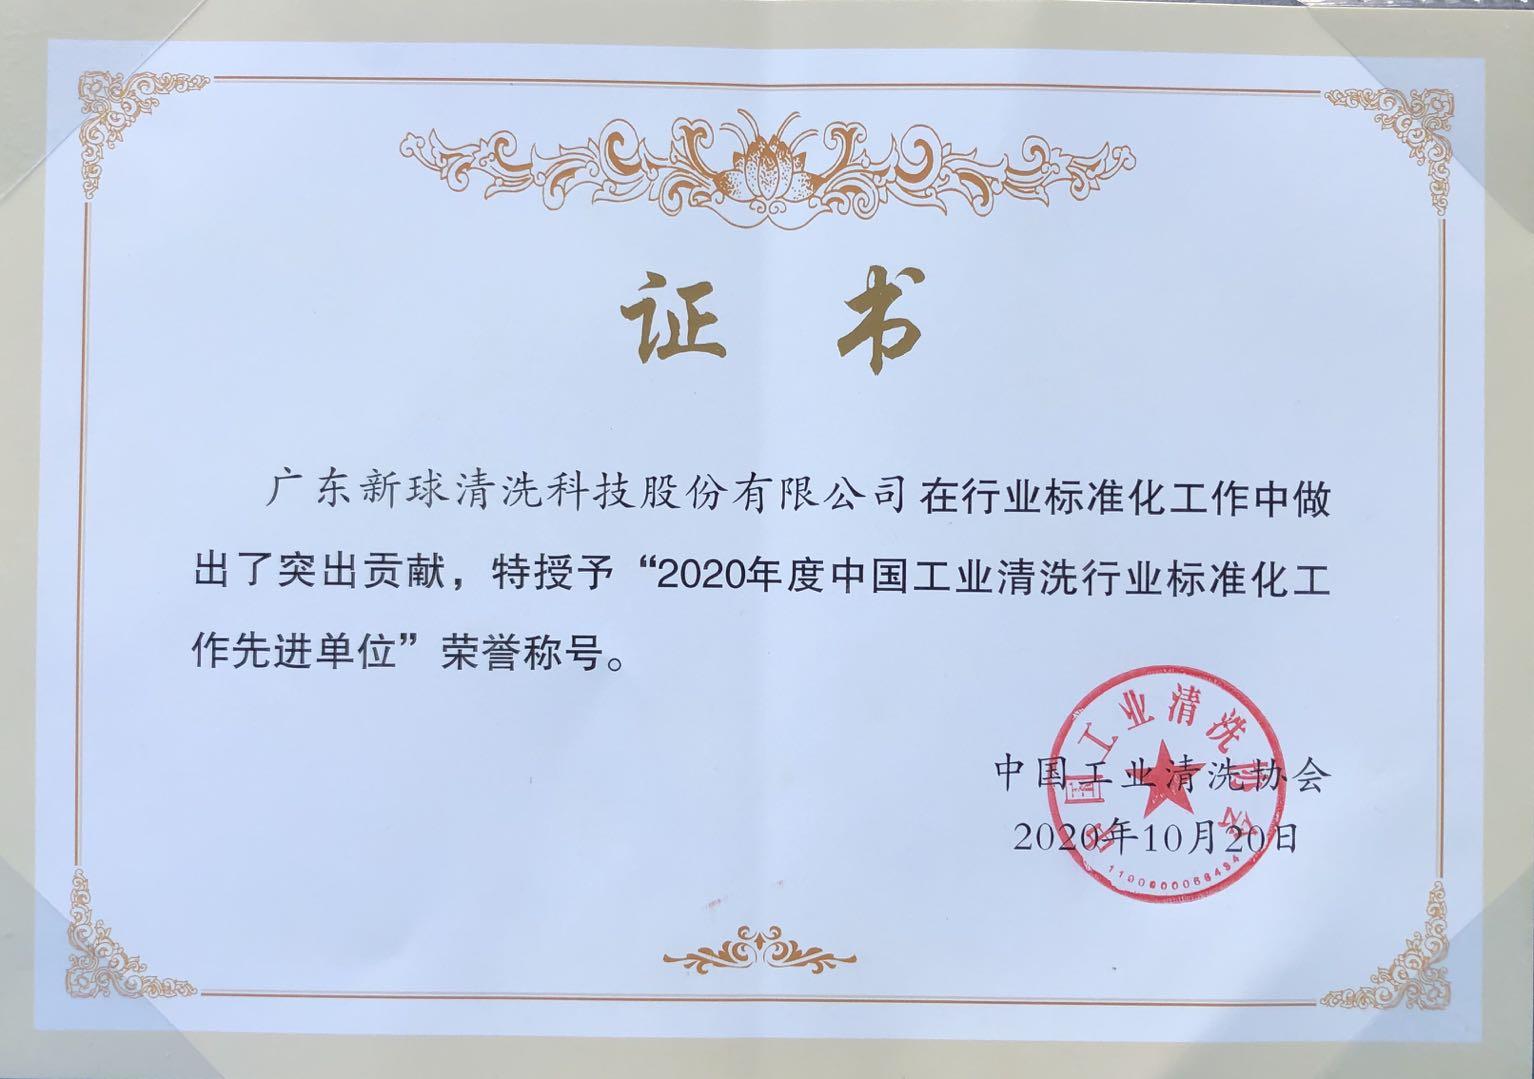 """新球清洗荣获""""2020年度中国工业清洗行业标准化工作先进单位""""荣誉称号"""